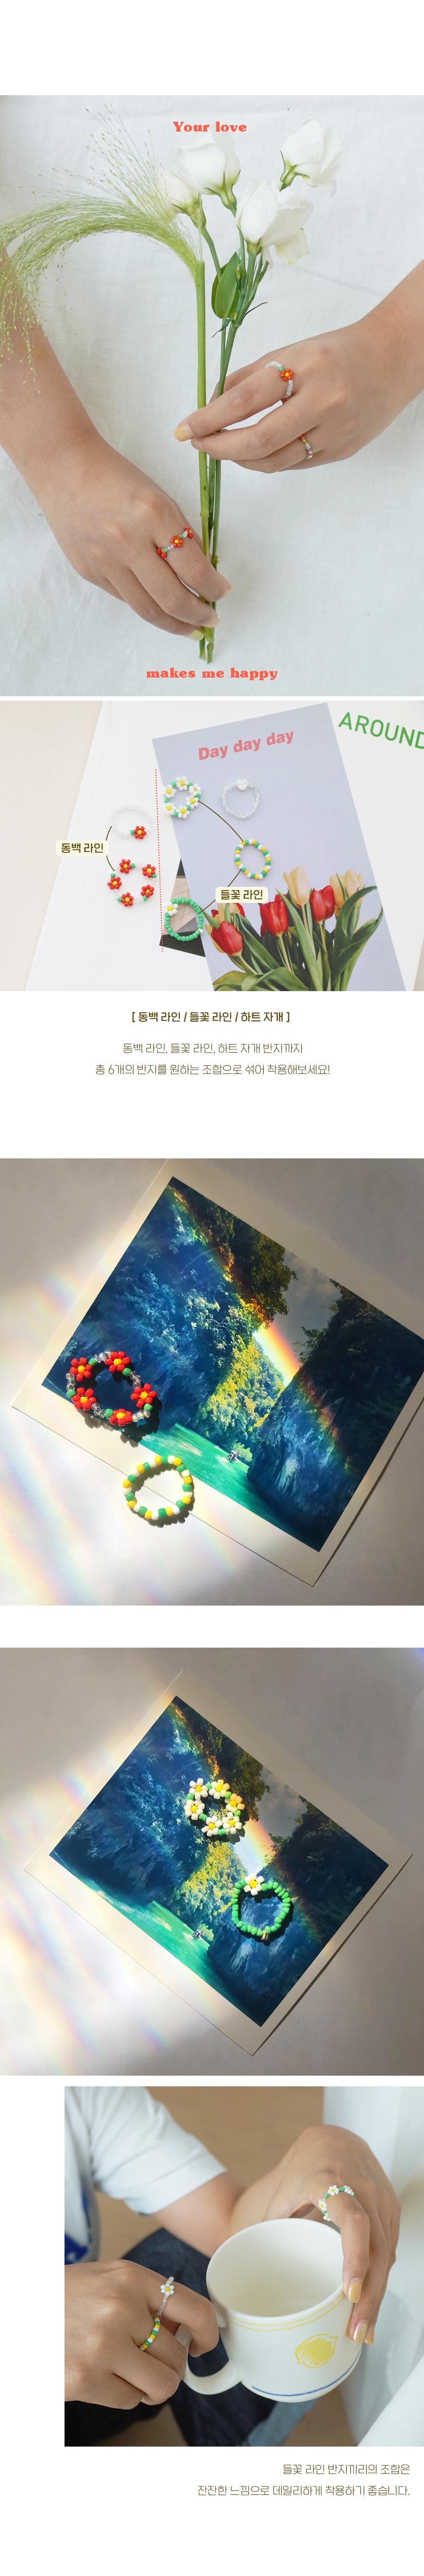 비즈반지만들기 세트 X6 대용량 DIY KIT 5type Dahlia - 갓샵, 9,900원, 주얼리 DIY, 반지